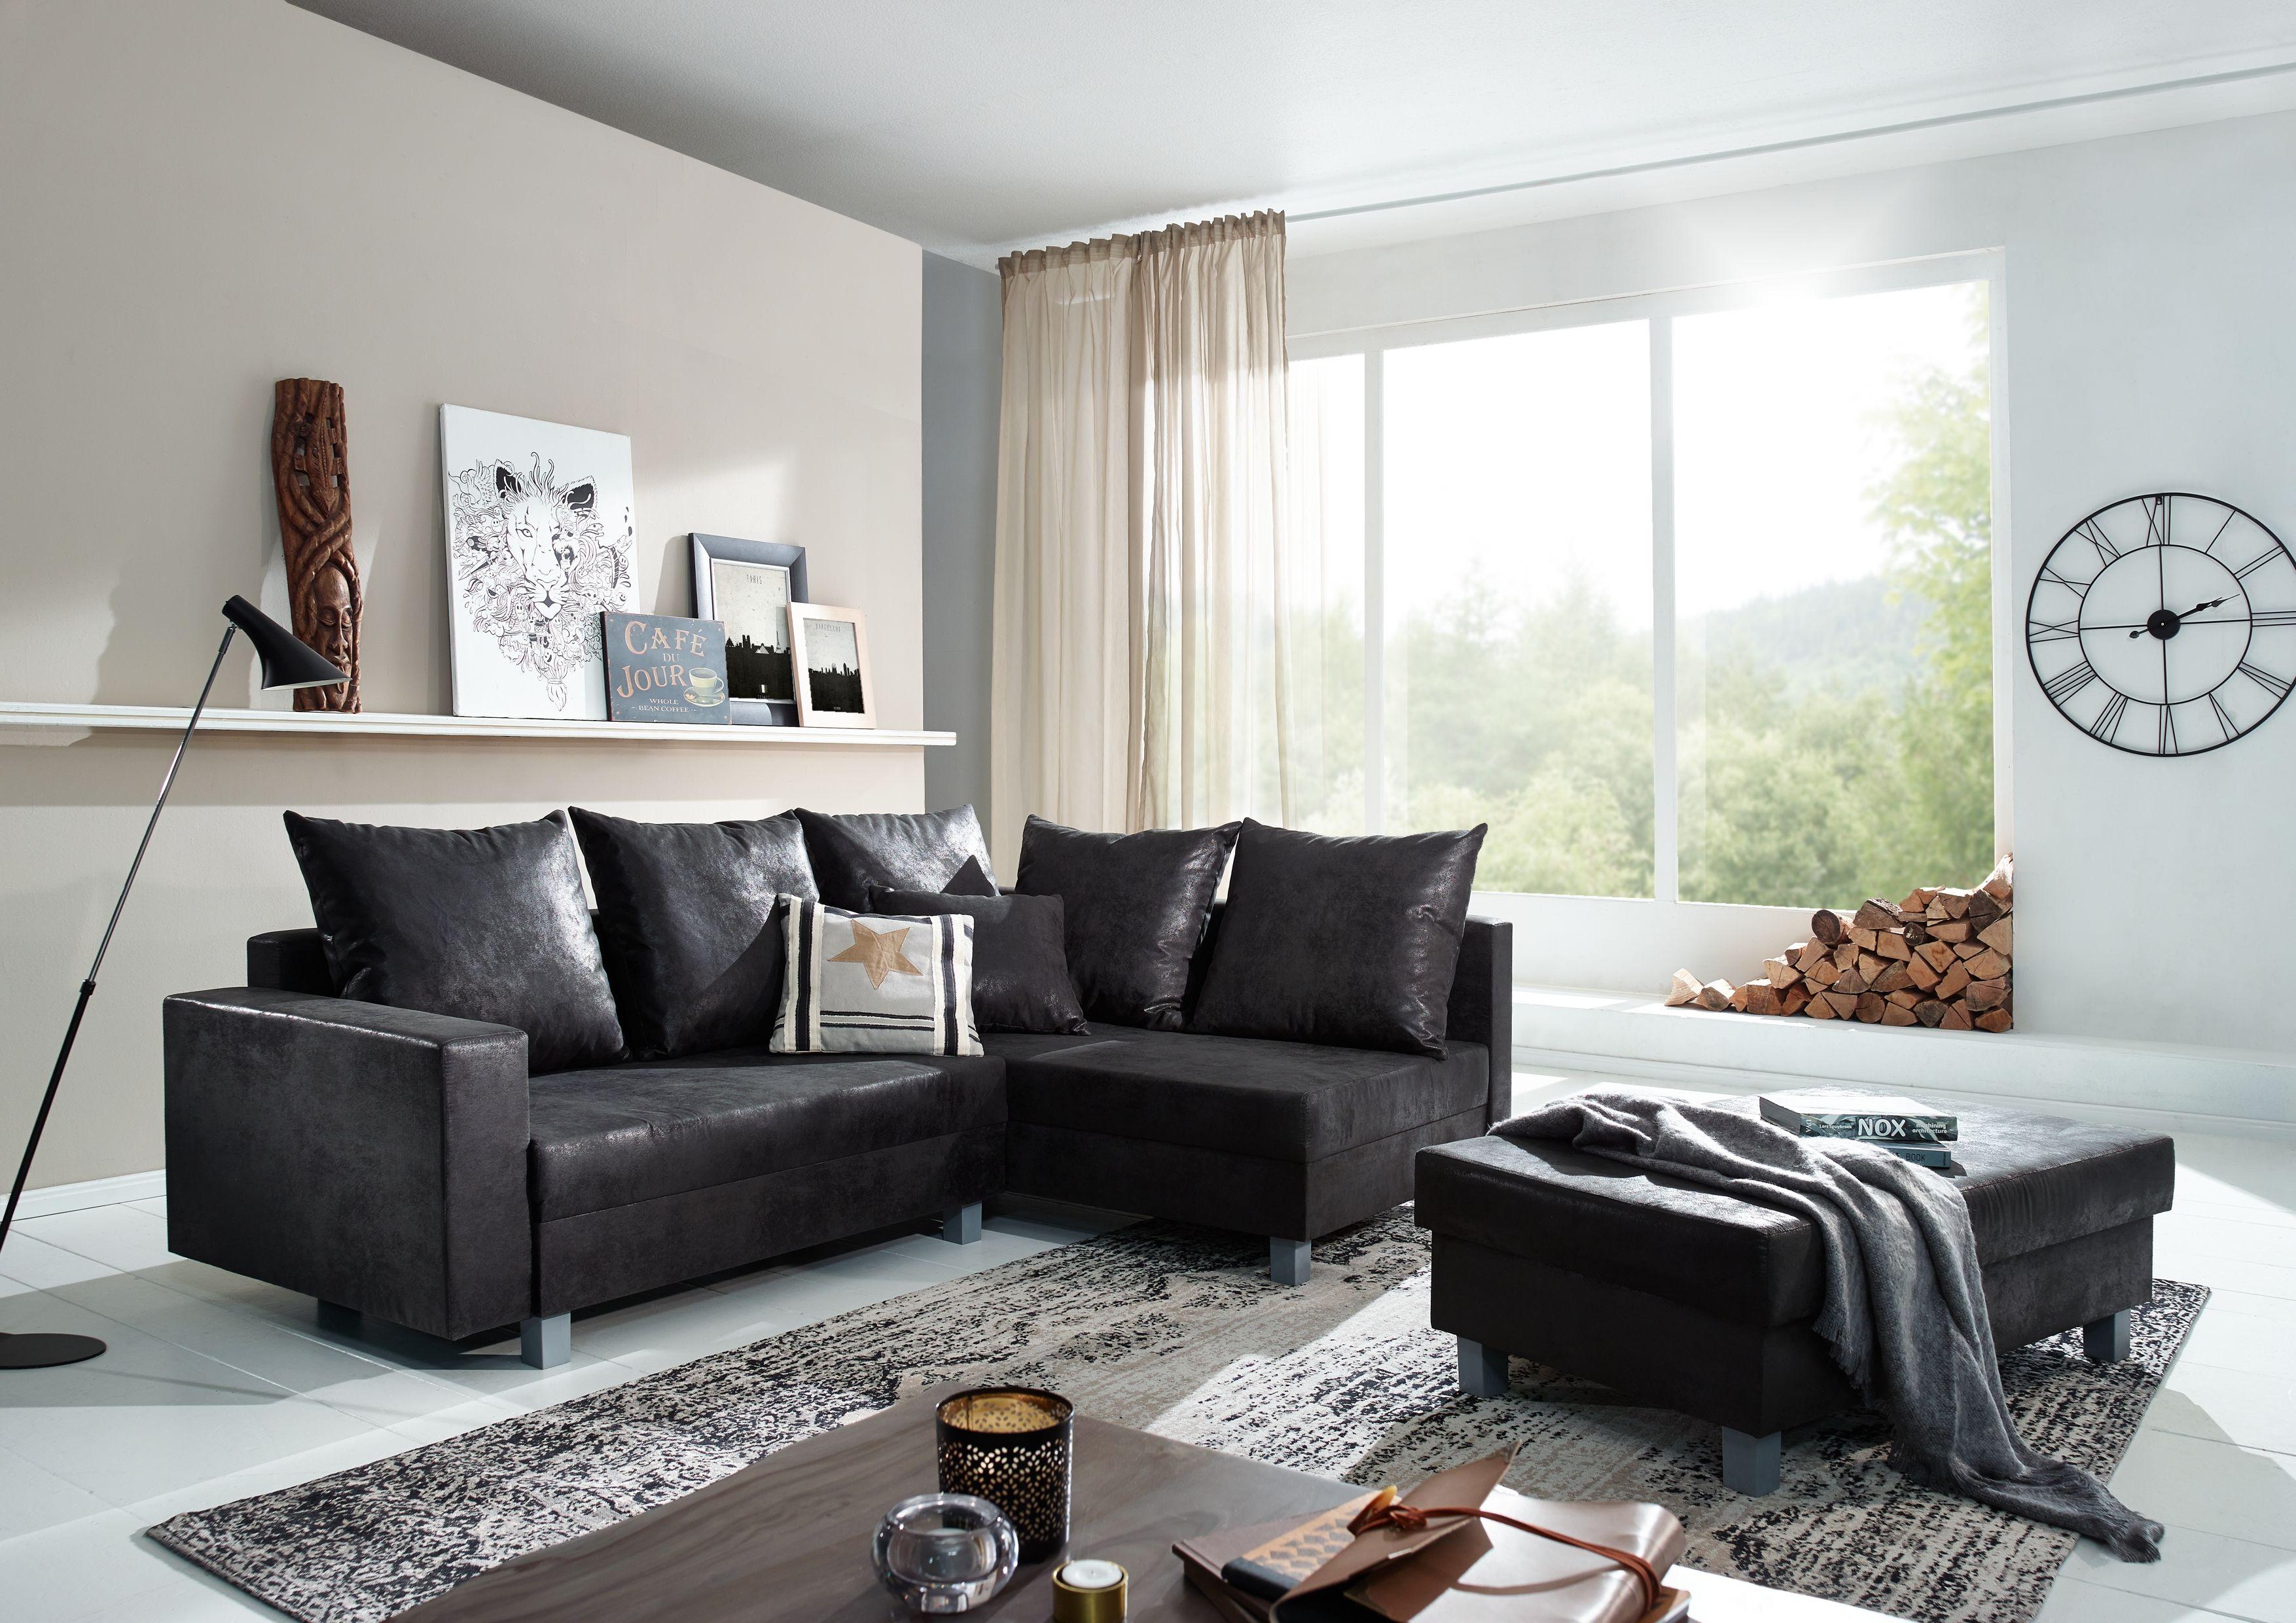 Ein wundervoller Ort zum Entspannen sofa couch möbel